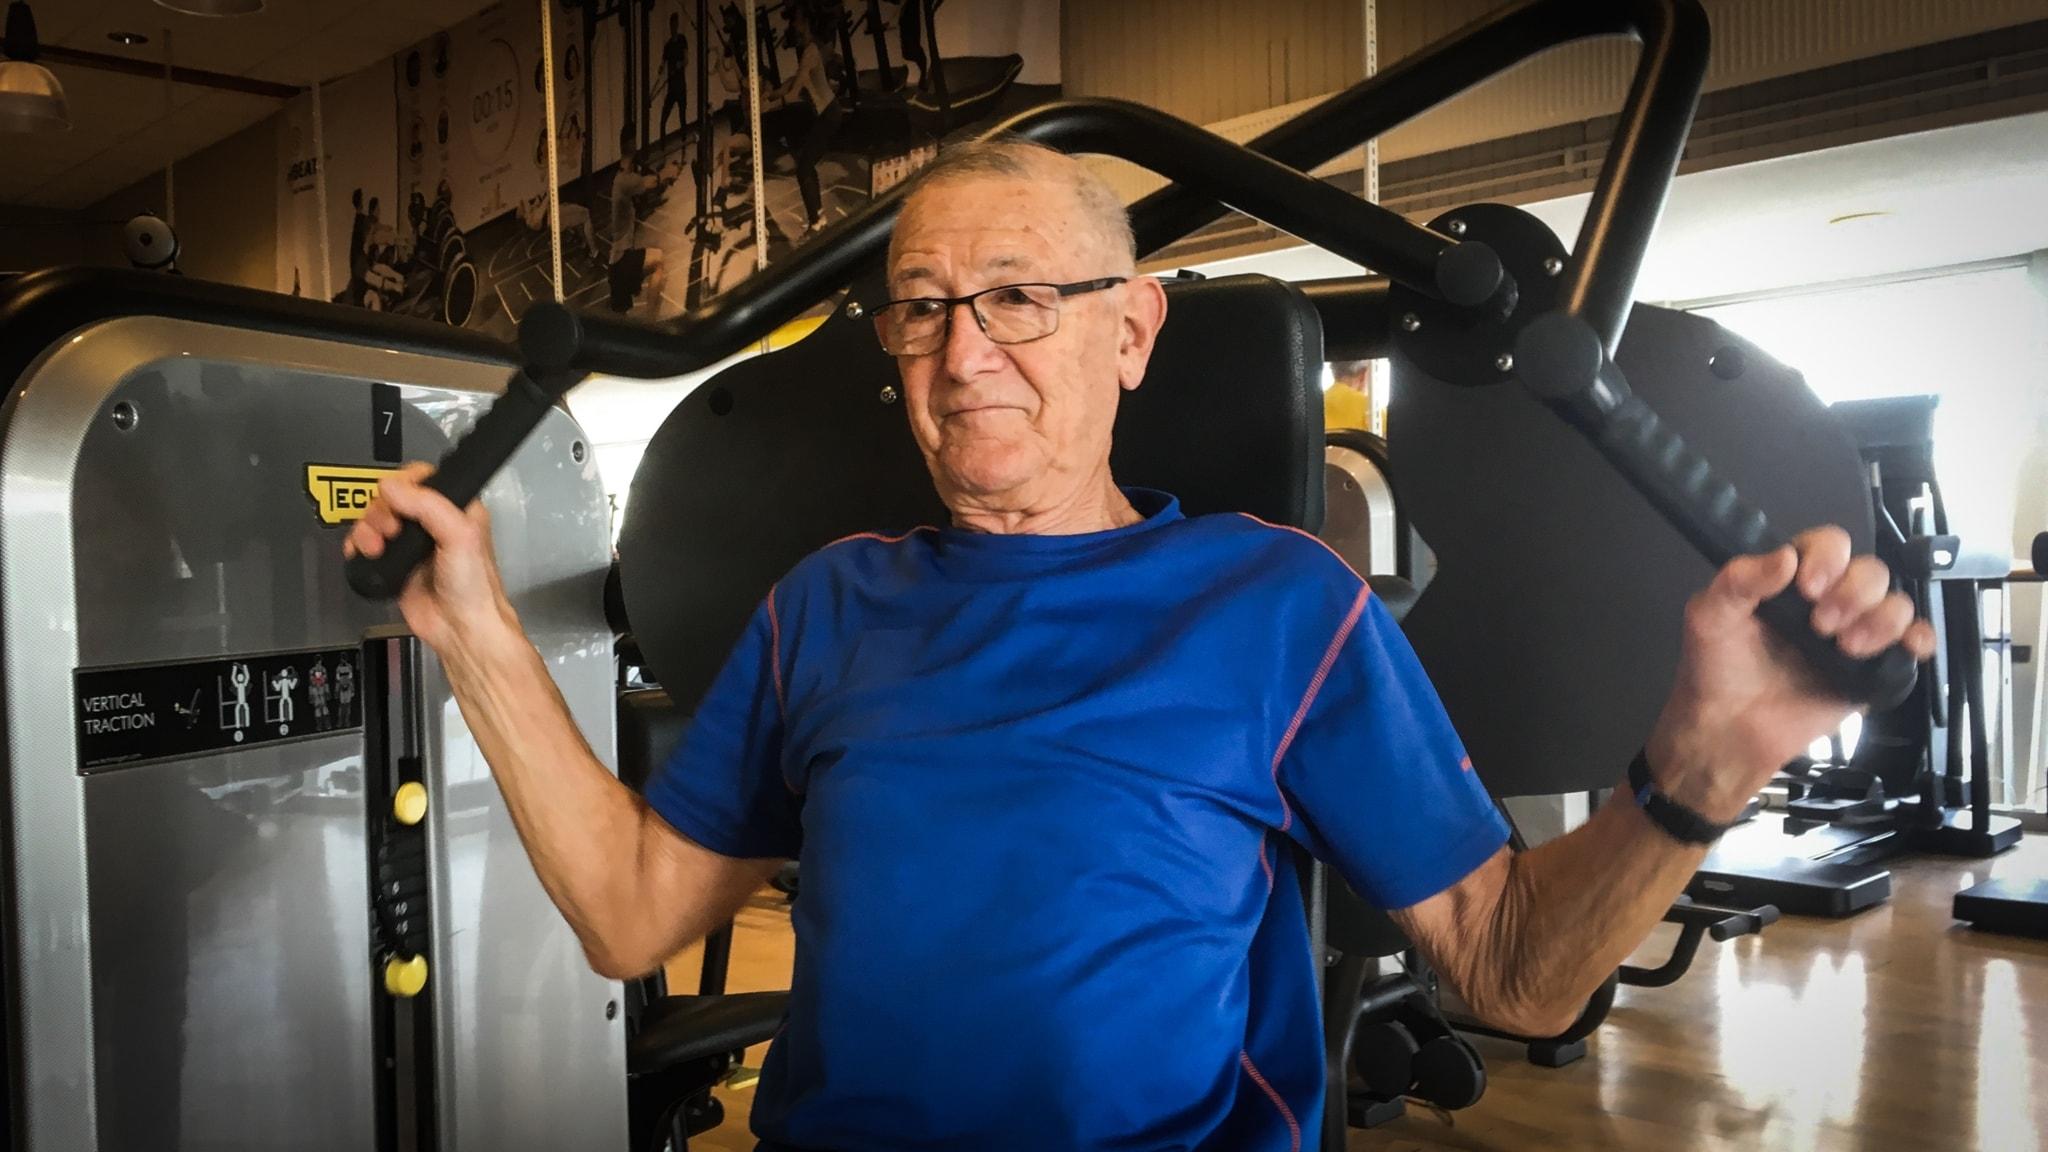 Del 2/3 Det goda åldrandet: Fler friska år – i samhällets tjänst